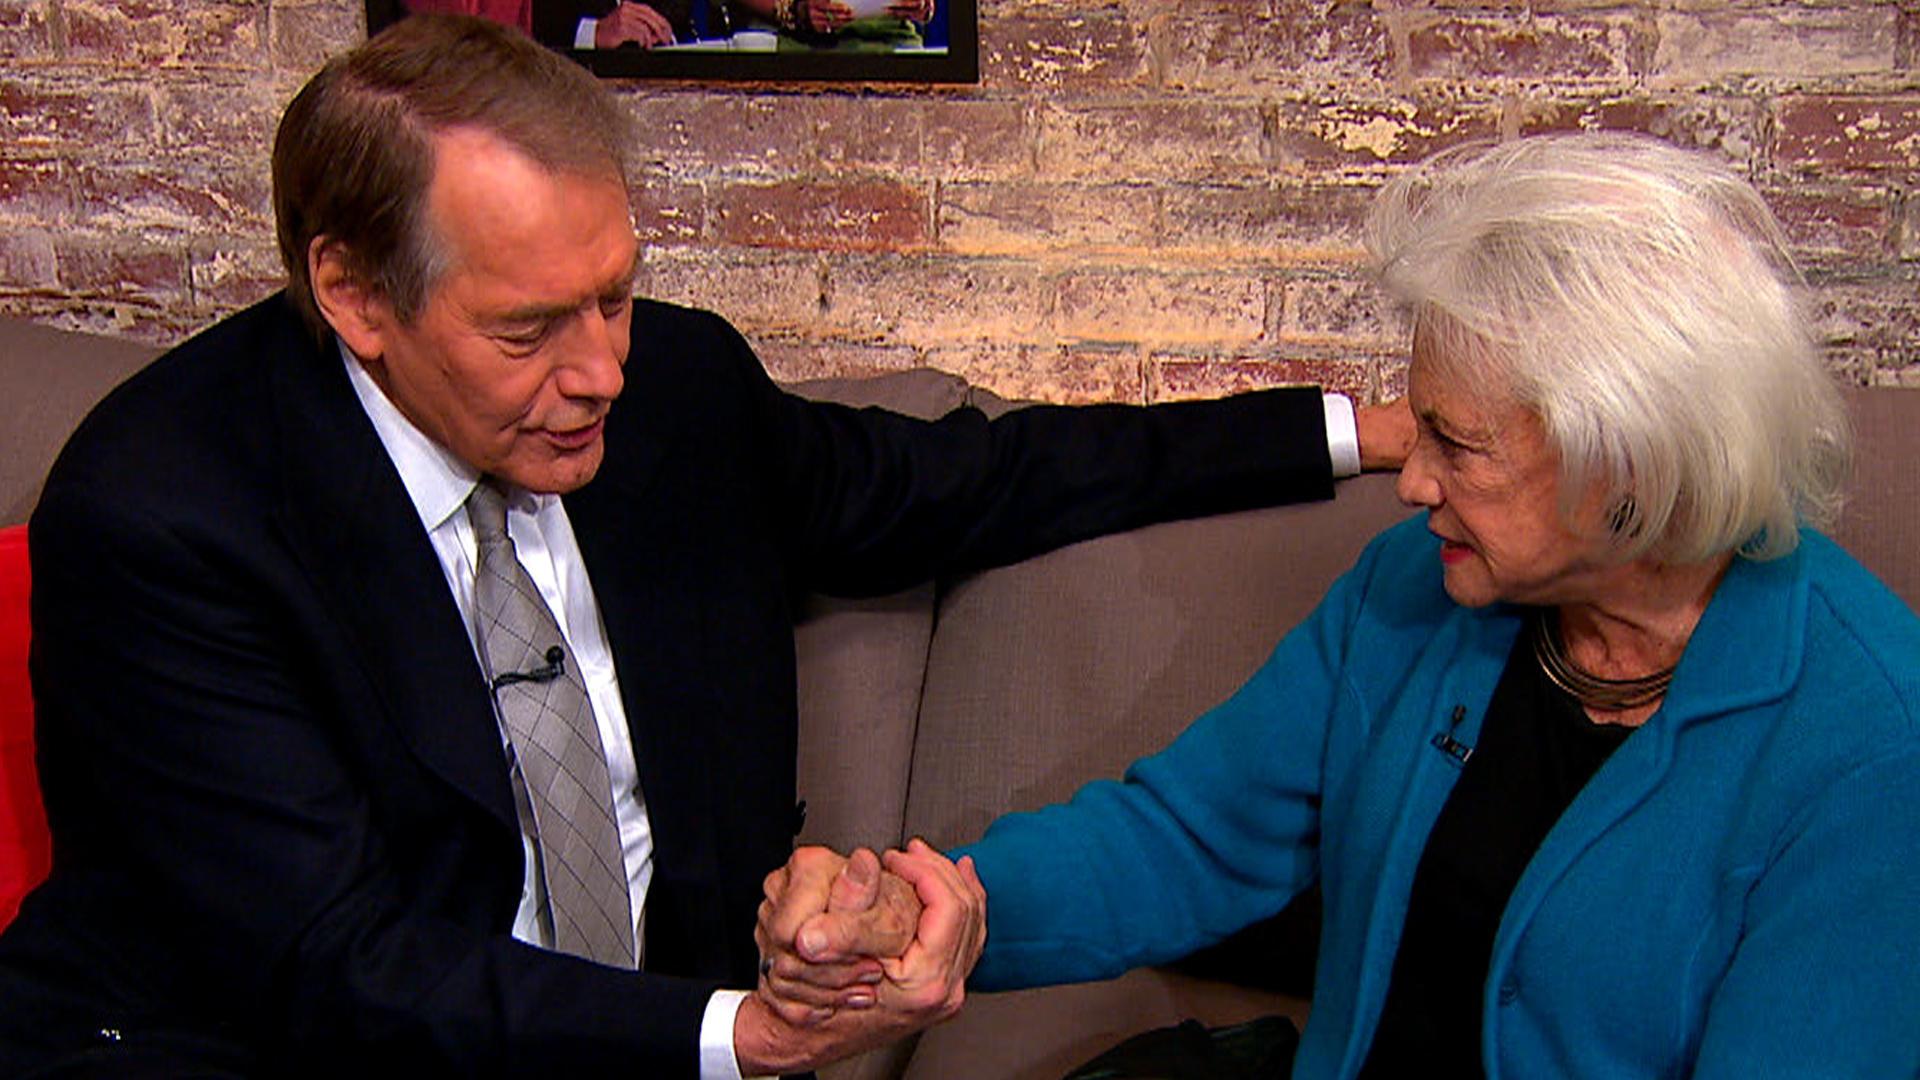 Sandra Day O Connor Quotes Sandra Day O'connor Shares Secret Supreme Court Handshake  Cbs News